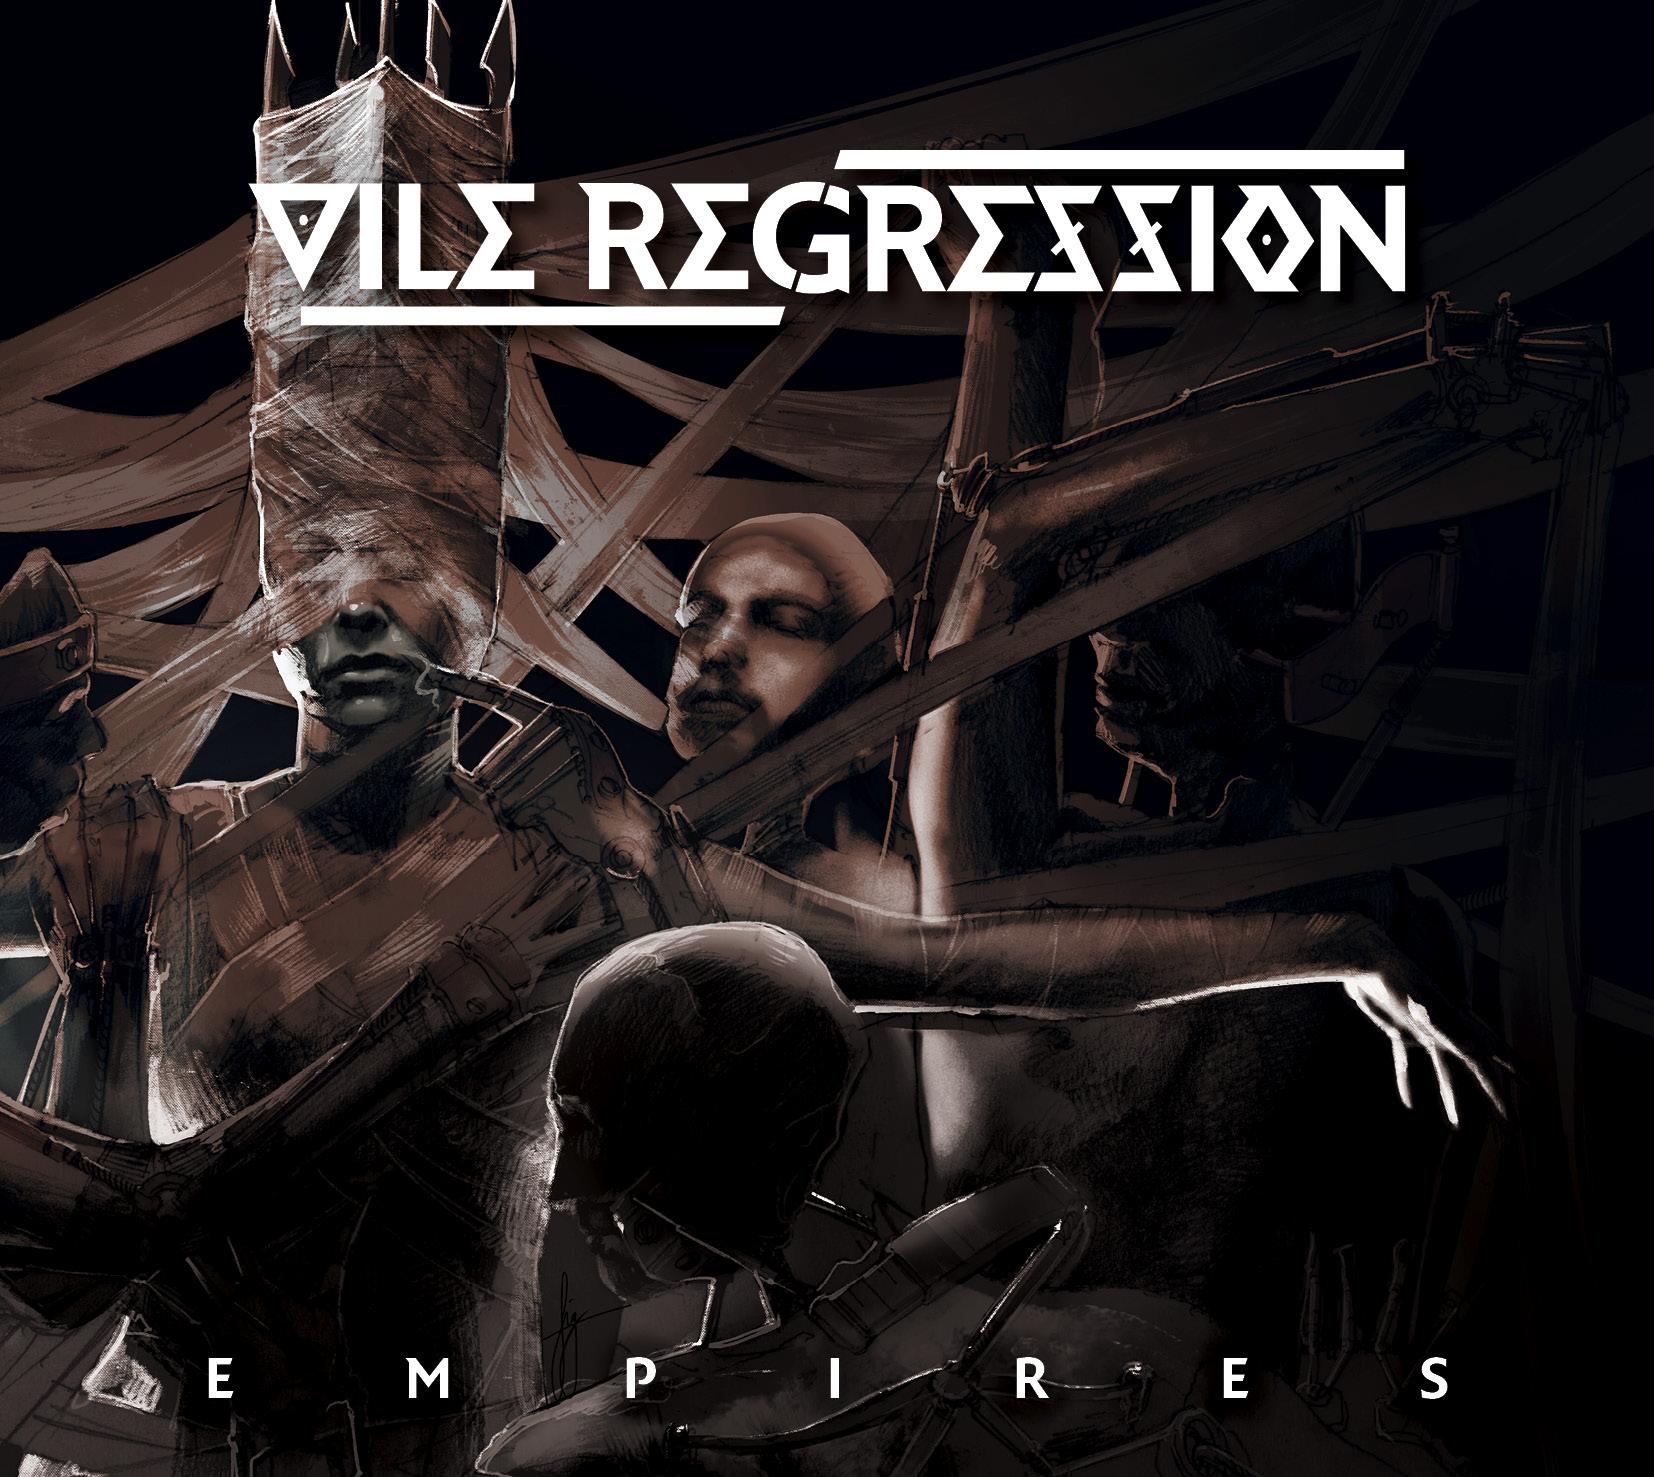 Vile_Regression_Empires_2014